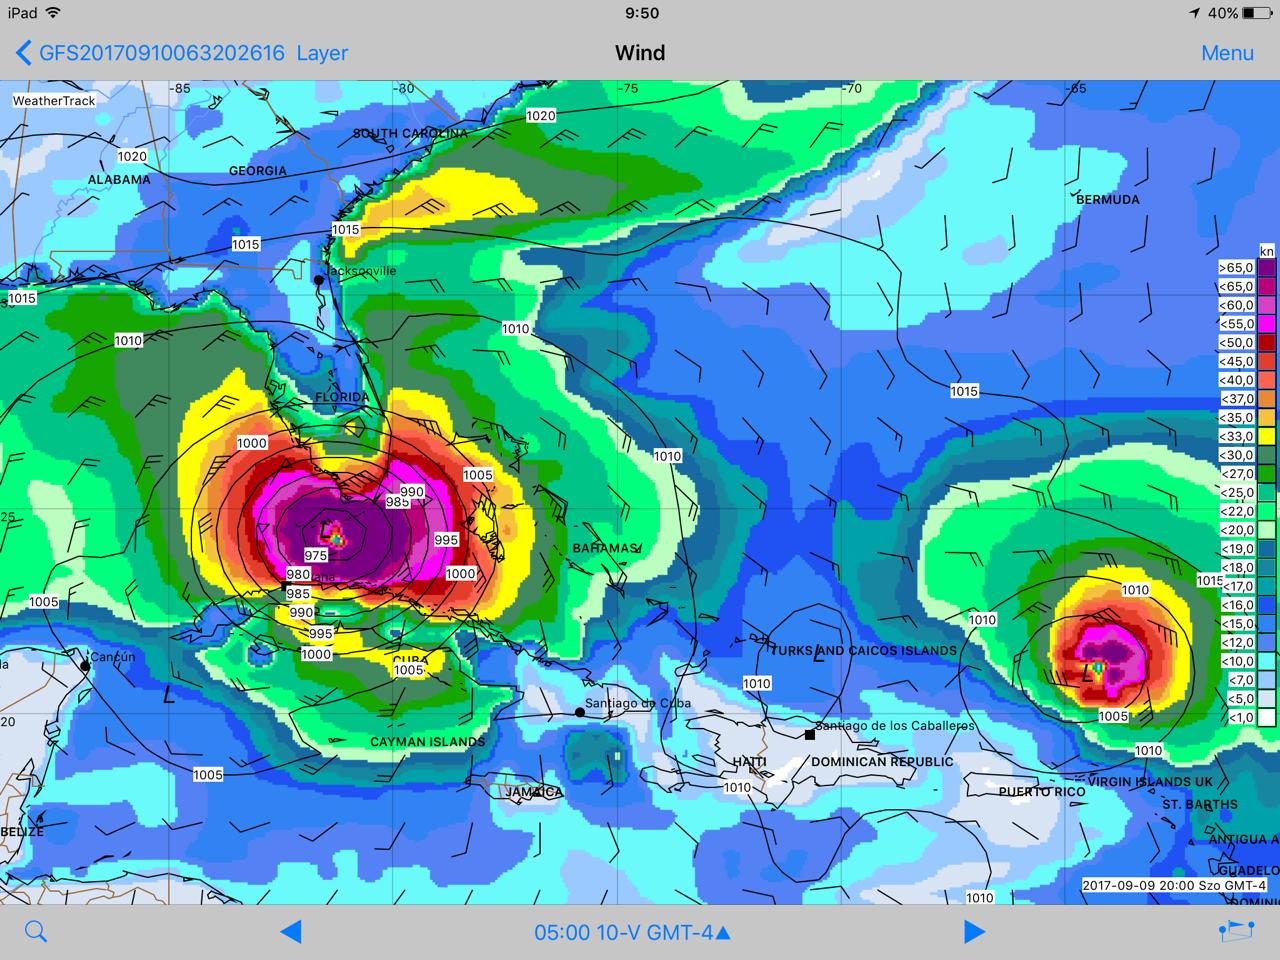 Az Irma hurrikán képe a WeatherTrack előrejelzési térképén 2017. szeptember 10-én reggel.